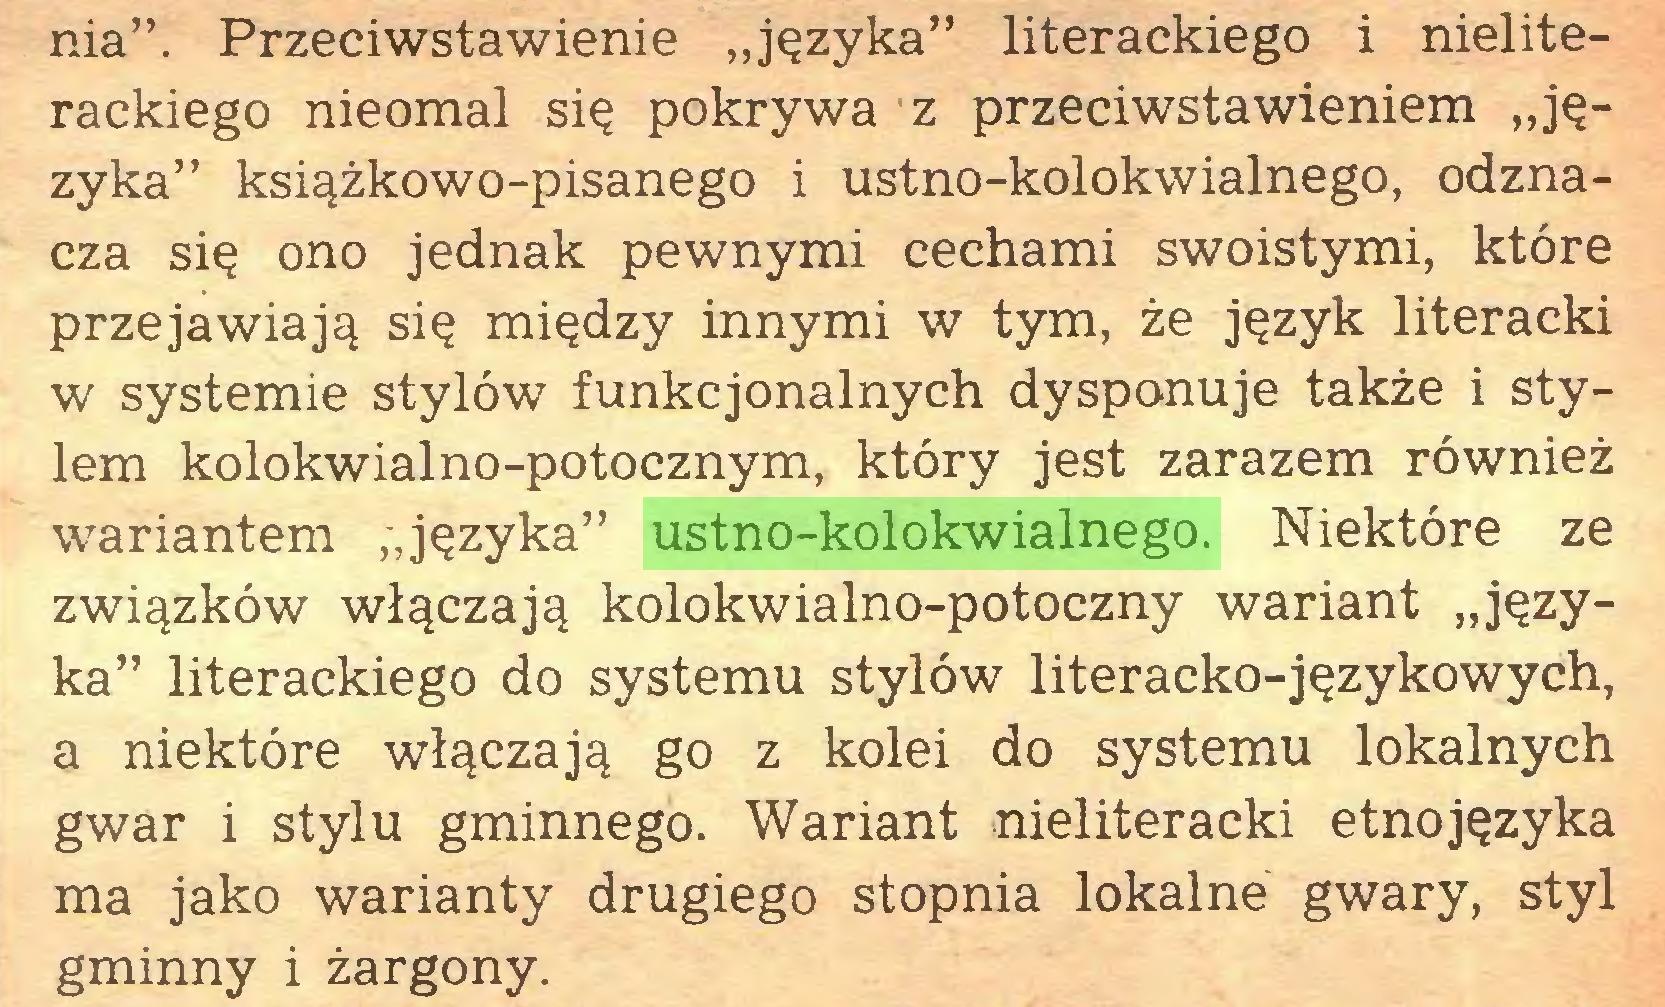 """(...) nia"""". Przeciwstawienie """"języka"""" literackiego i nieliterackiego nieomal się pokrywa z przeciwstawieniem """"języka"""" książkowo-pisanego i ustno-kolokwialnego, odznacza się ono jednak pewnymi cechami swoistymi, które przejawiają się między innymi w tym, że język literacki w systemie stylów funkcjonalnych dysponuje także i stylem kolokwialno-potocznym, który jest zarazem również wariantem """"języka"""" ustno-kolokwialnego. Niektóre ze związków włączają kolokwialno-potoczny wariant """"języka"""" literackiego do systemu stylów literacko-językowych, a niektóre włączają go z kolei do systemu lokalnych gwar i stylu gminnego. Wariant nieliteracki etnojęzyka ma jako warianty drugiego stopnia lokalne gwary, styl gminny i żargony..."""